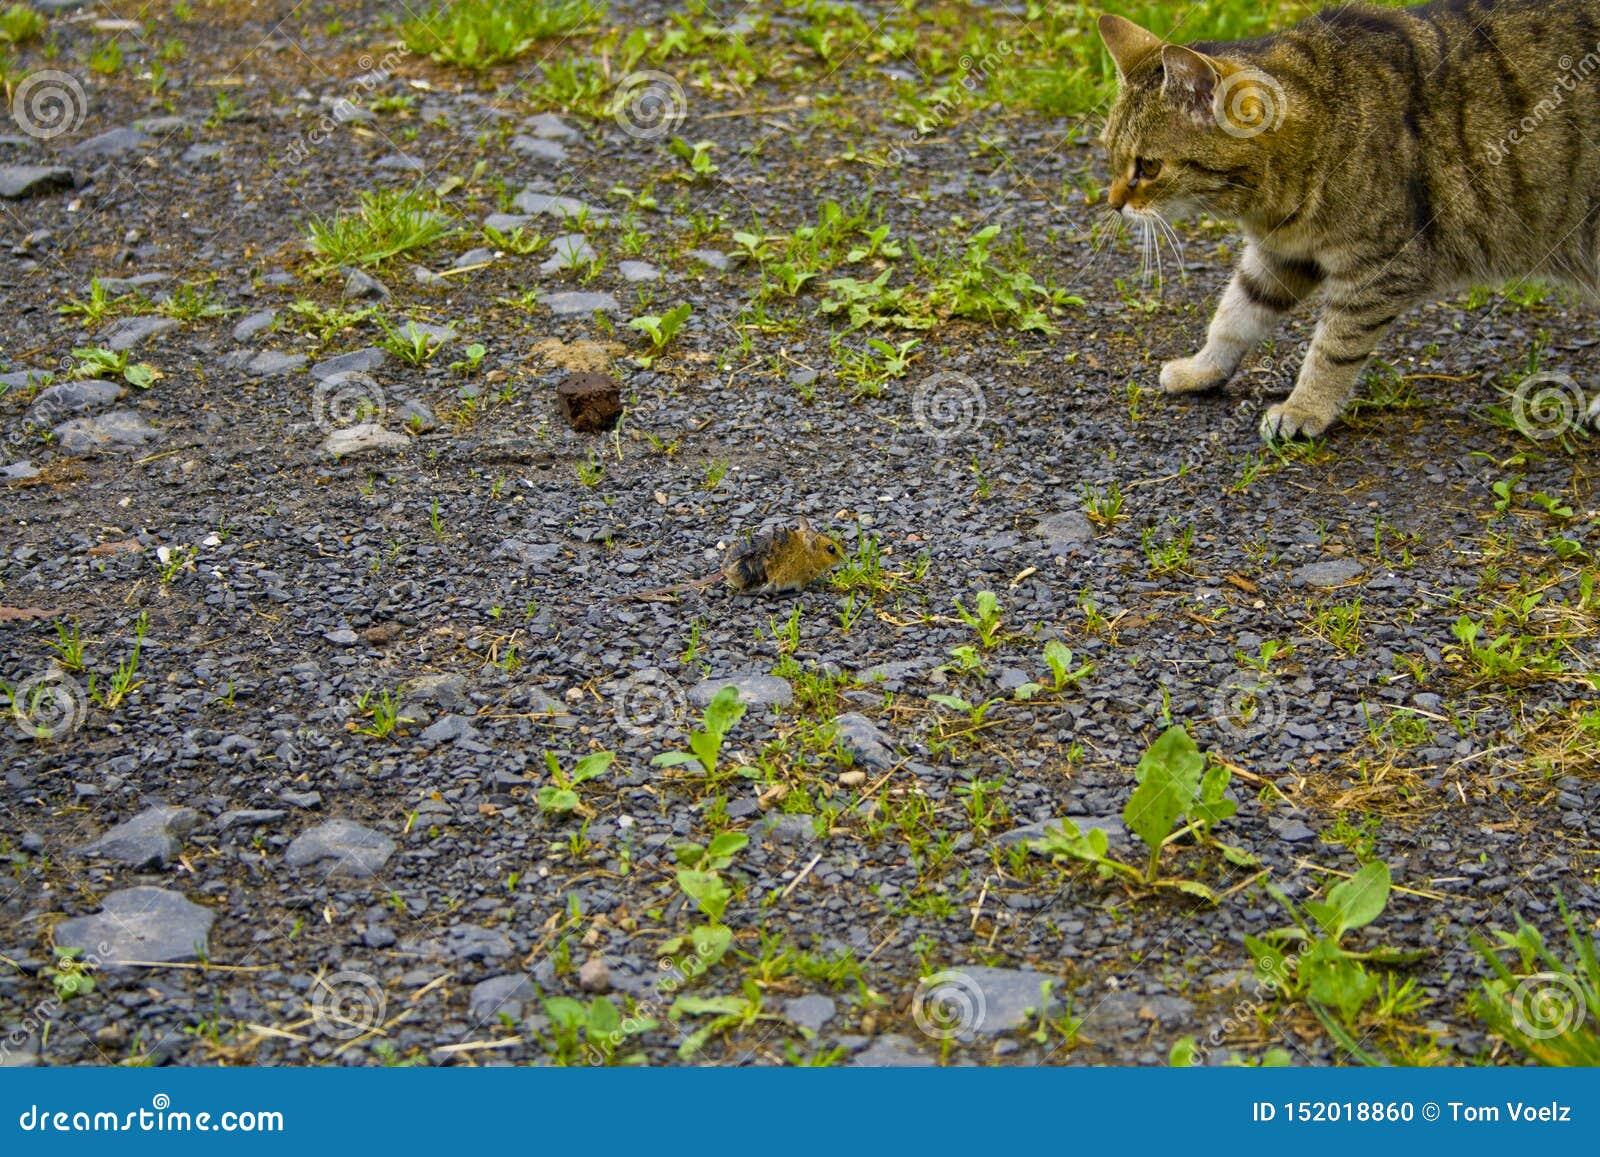 Katten och musen håller sig ögonen på